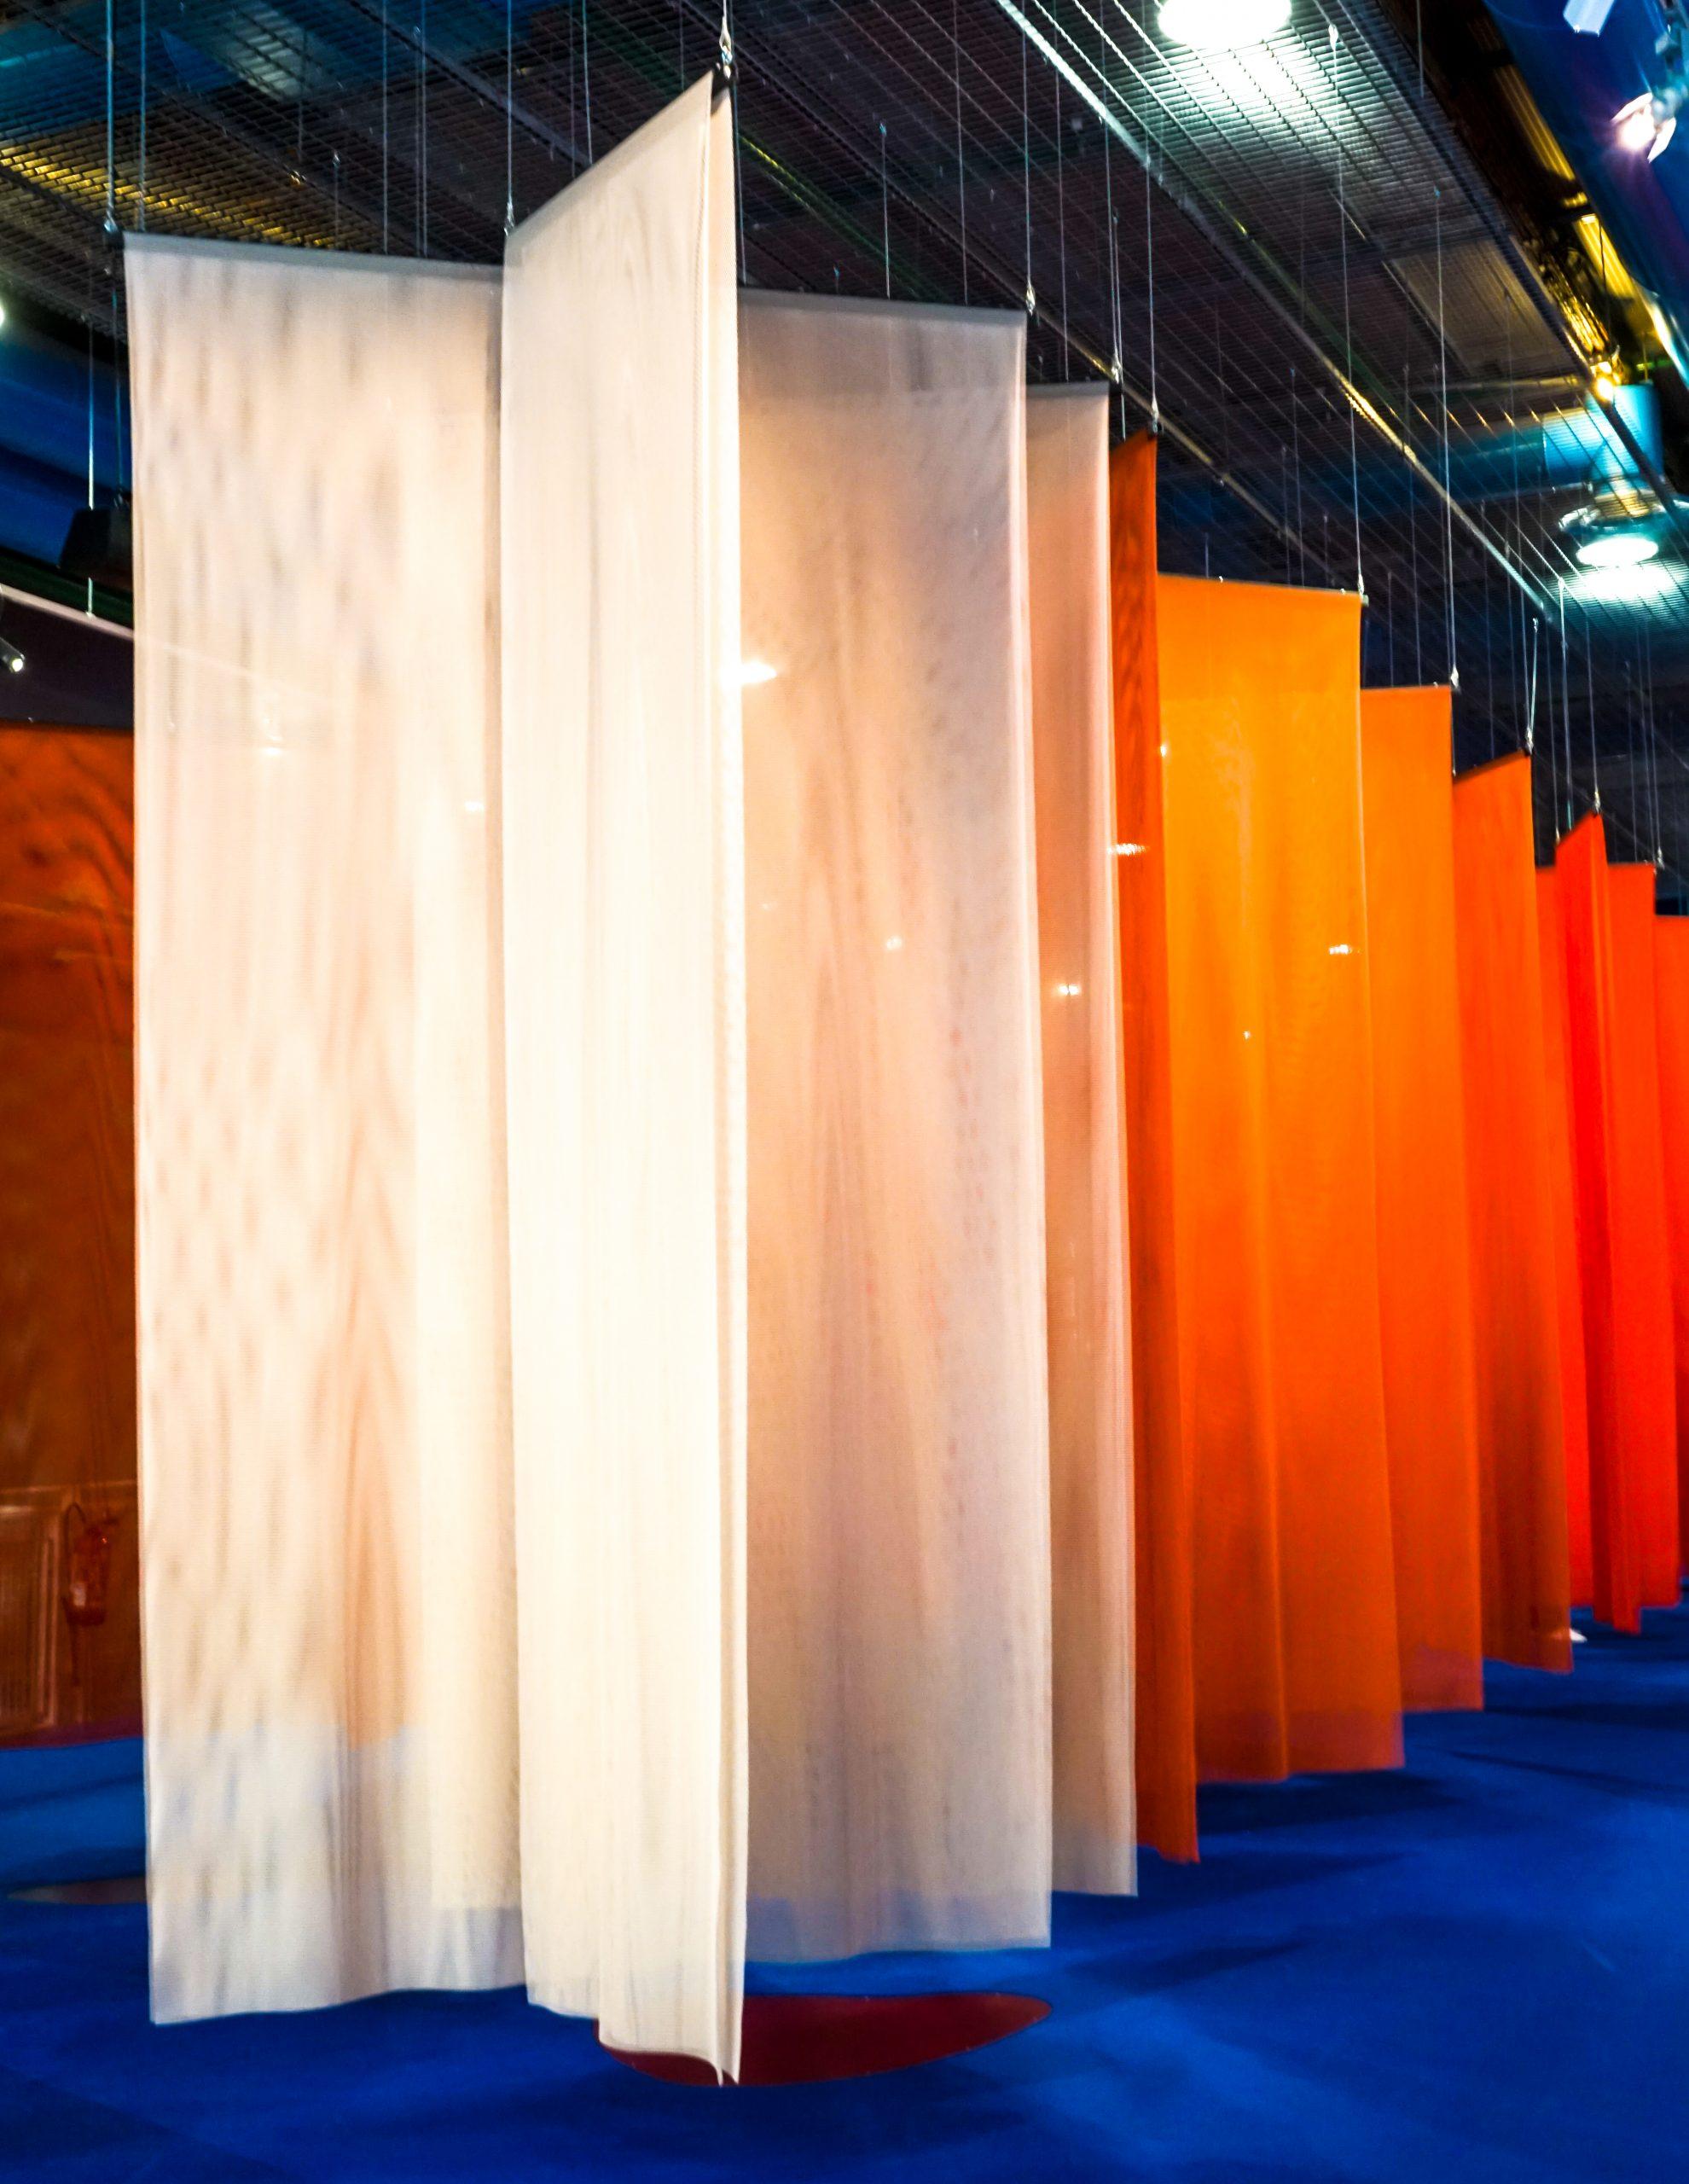 Des pans de tissus translucides aux couleurs chaudes pendent du plafond